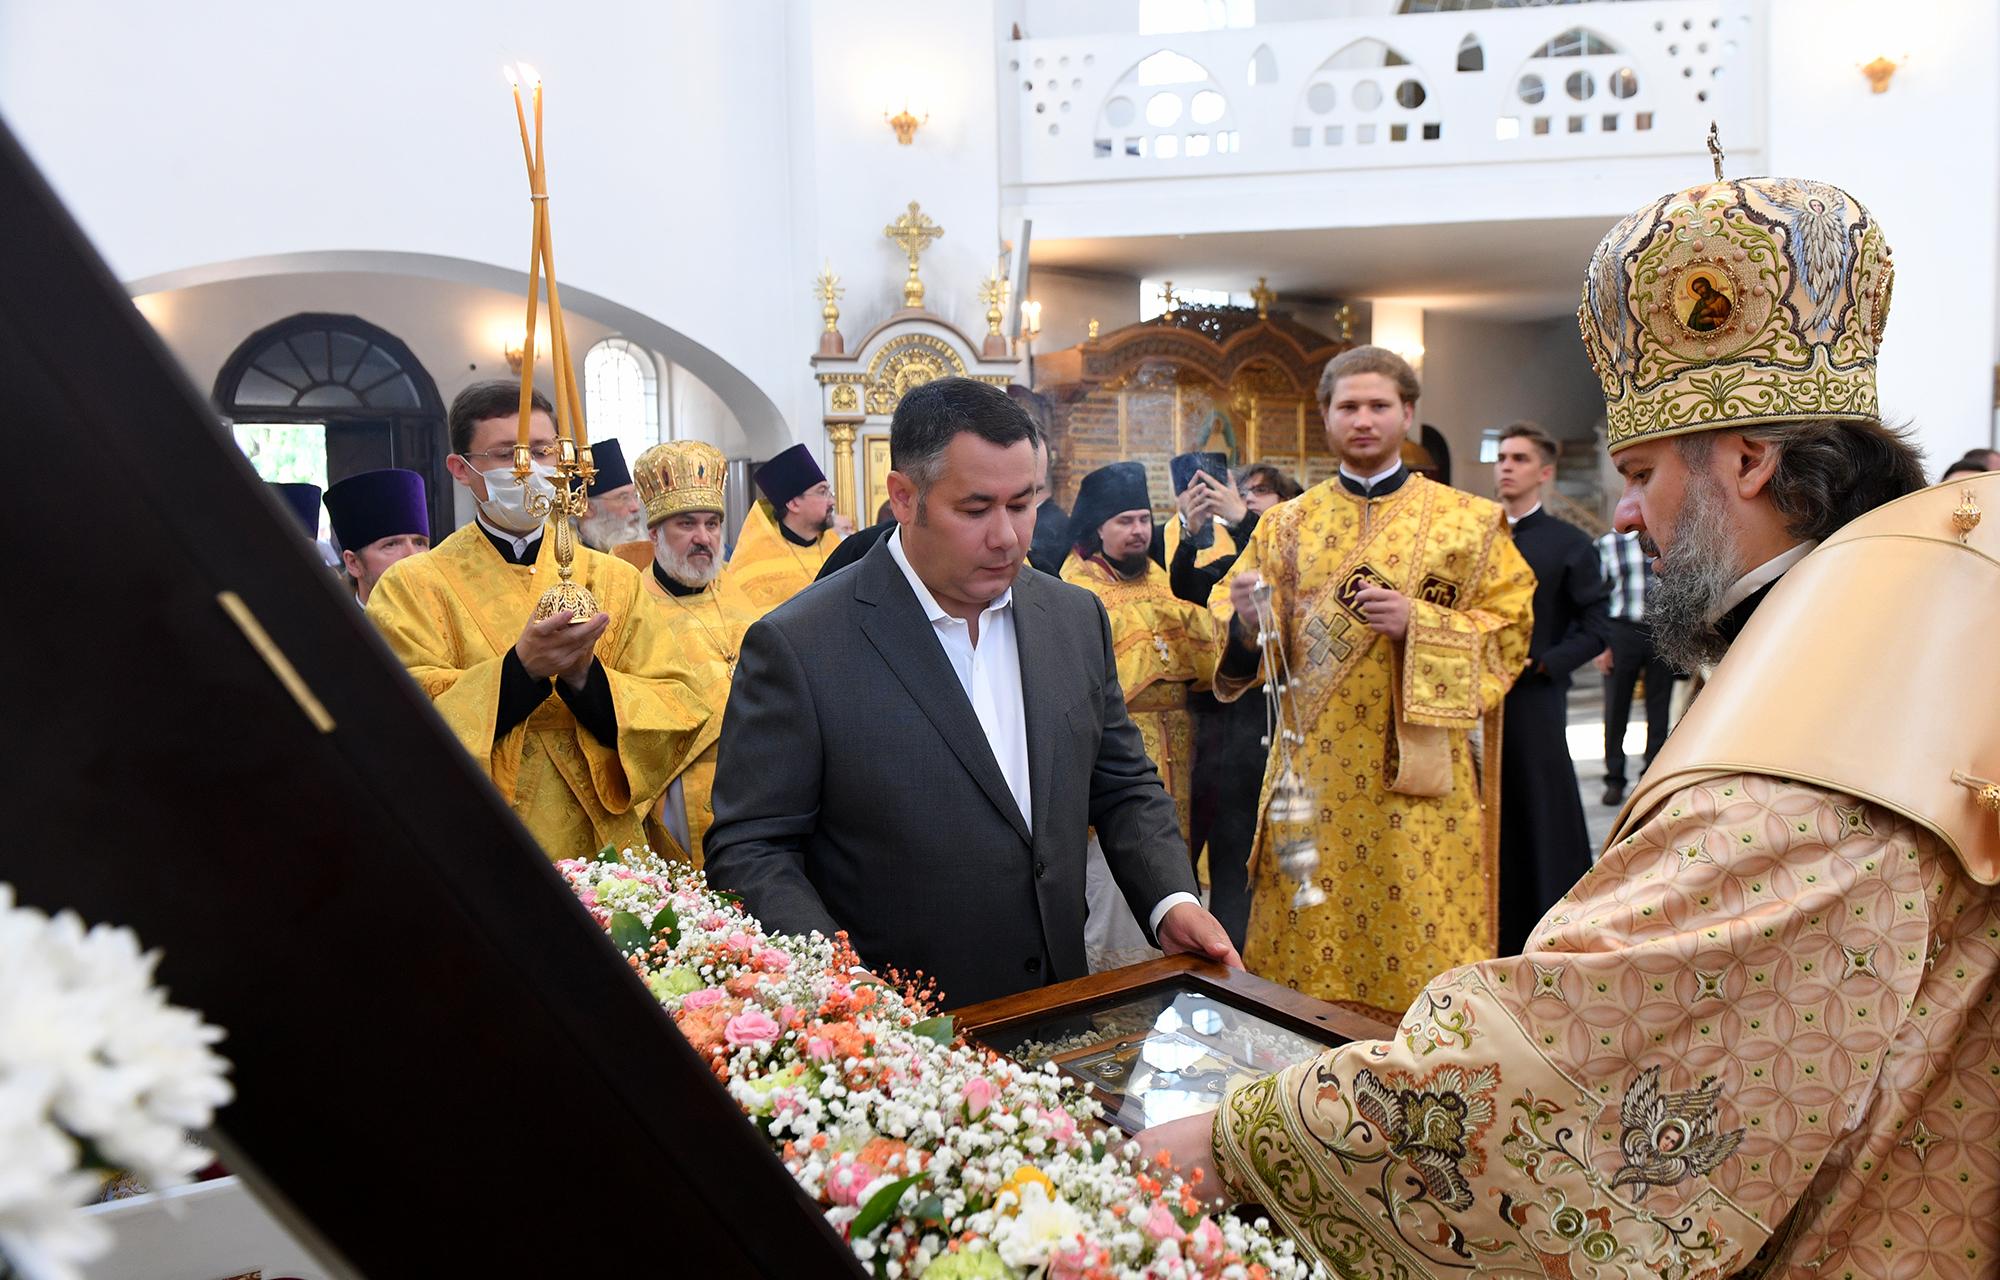 В Тверскую область прибыл ковчег с мощами князя Александра Невского